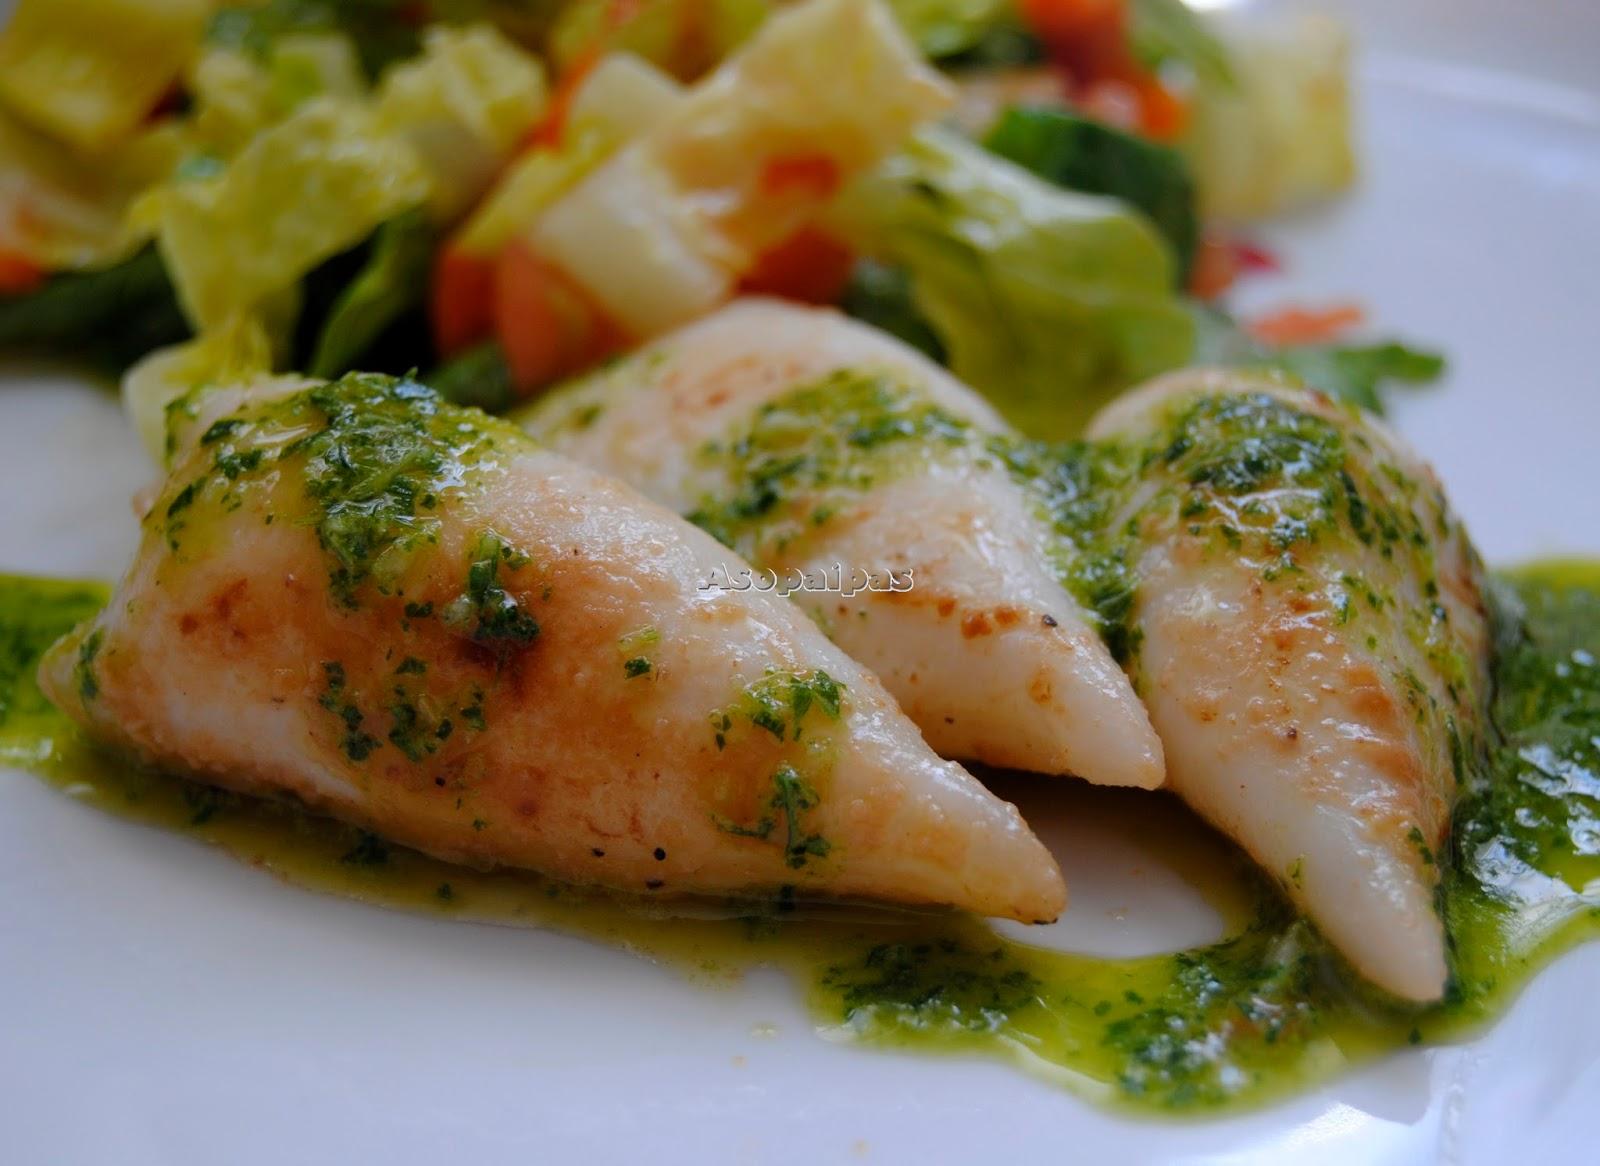 Chipirones a la plancha con salsa verde receta asopaipas recetas de cocina casera - Chipiron a la plancha ...